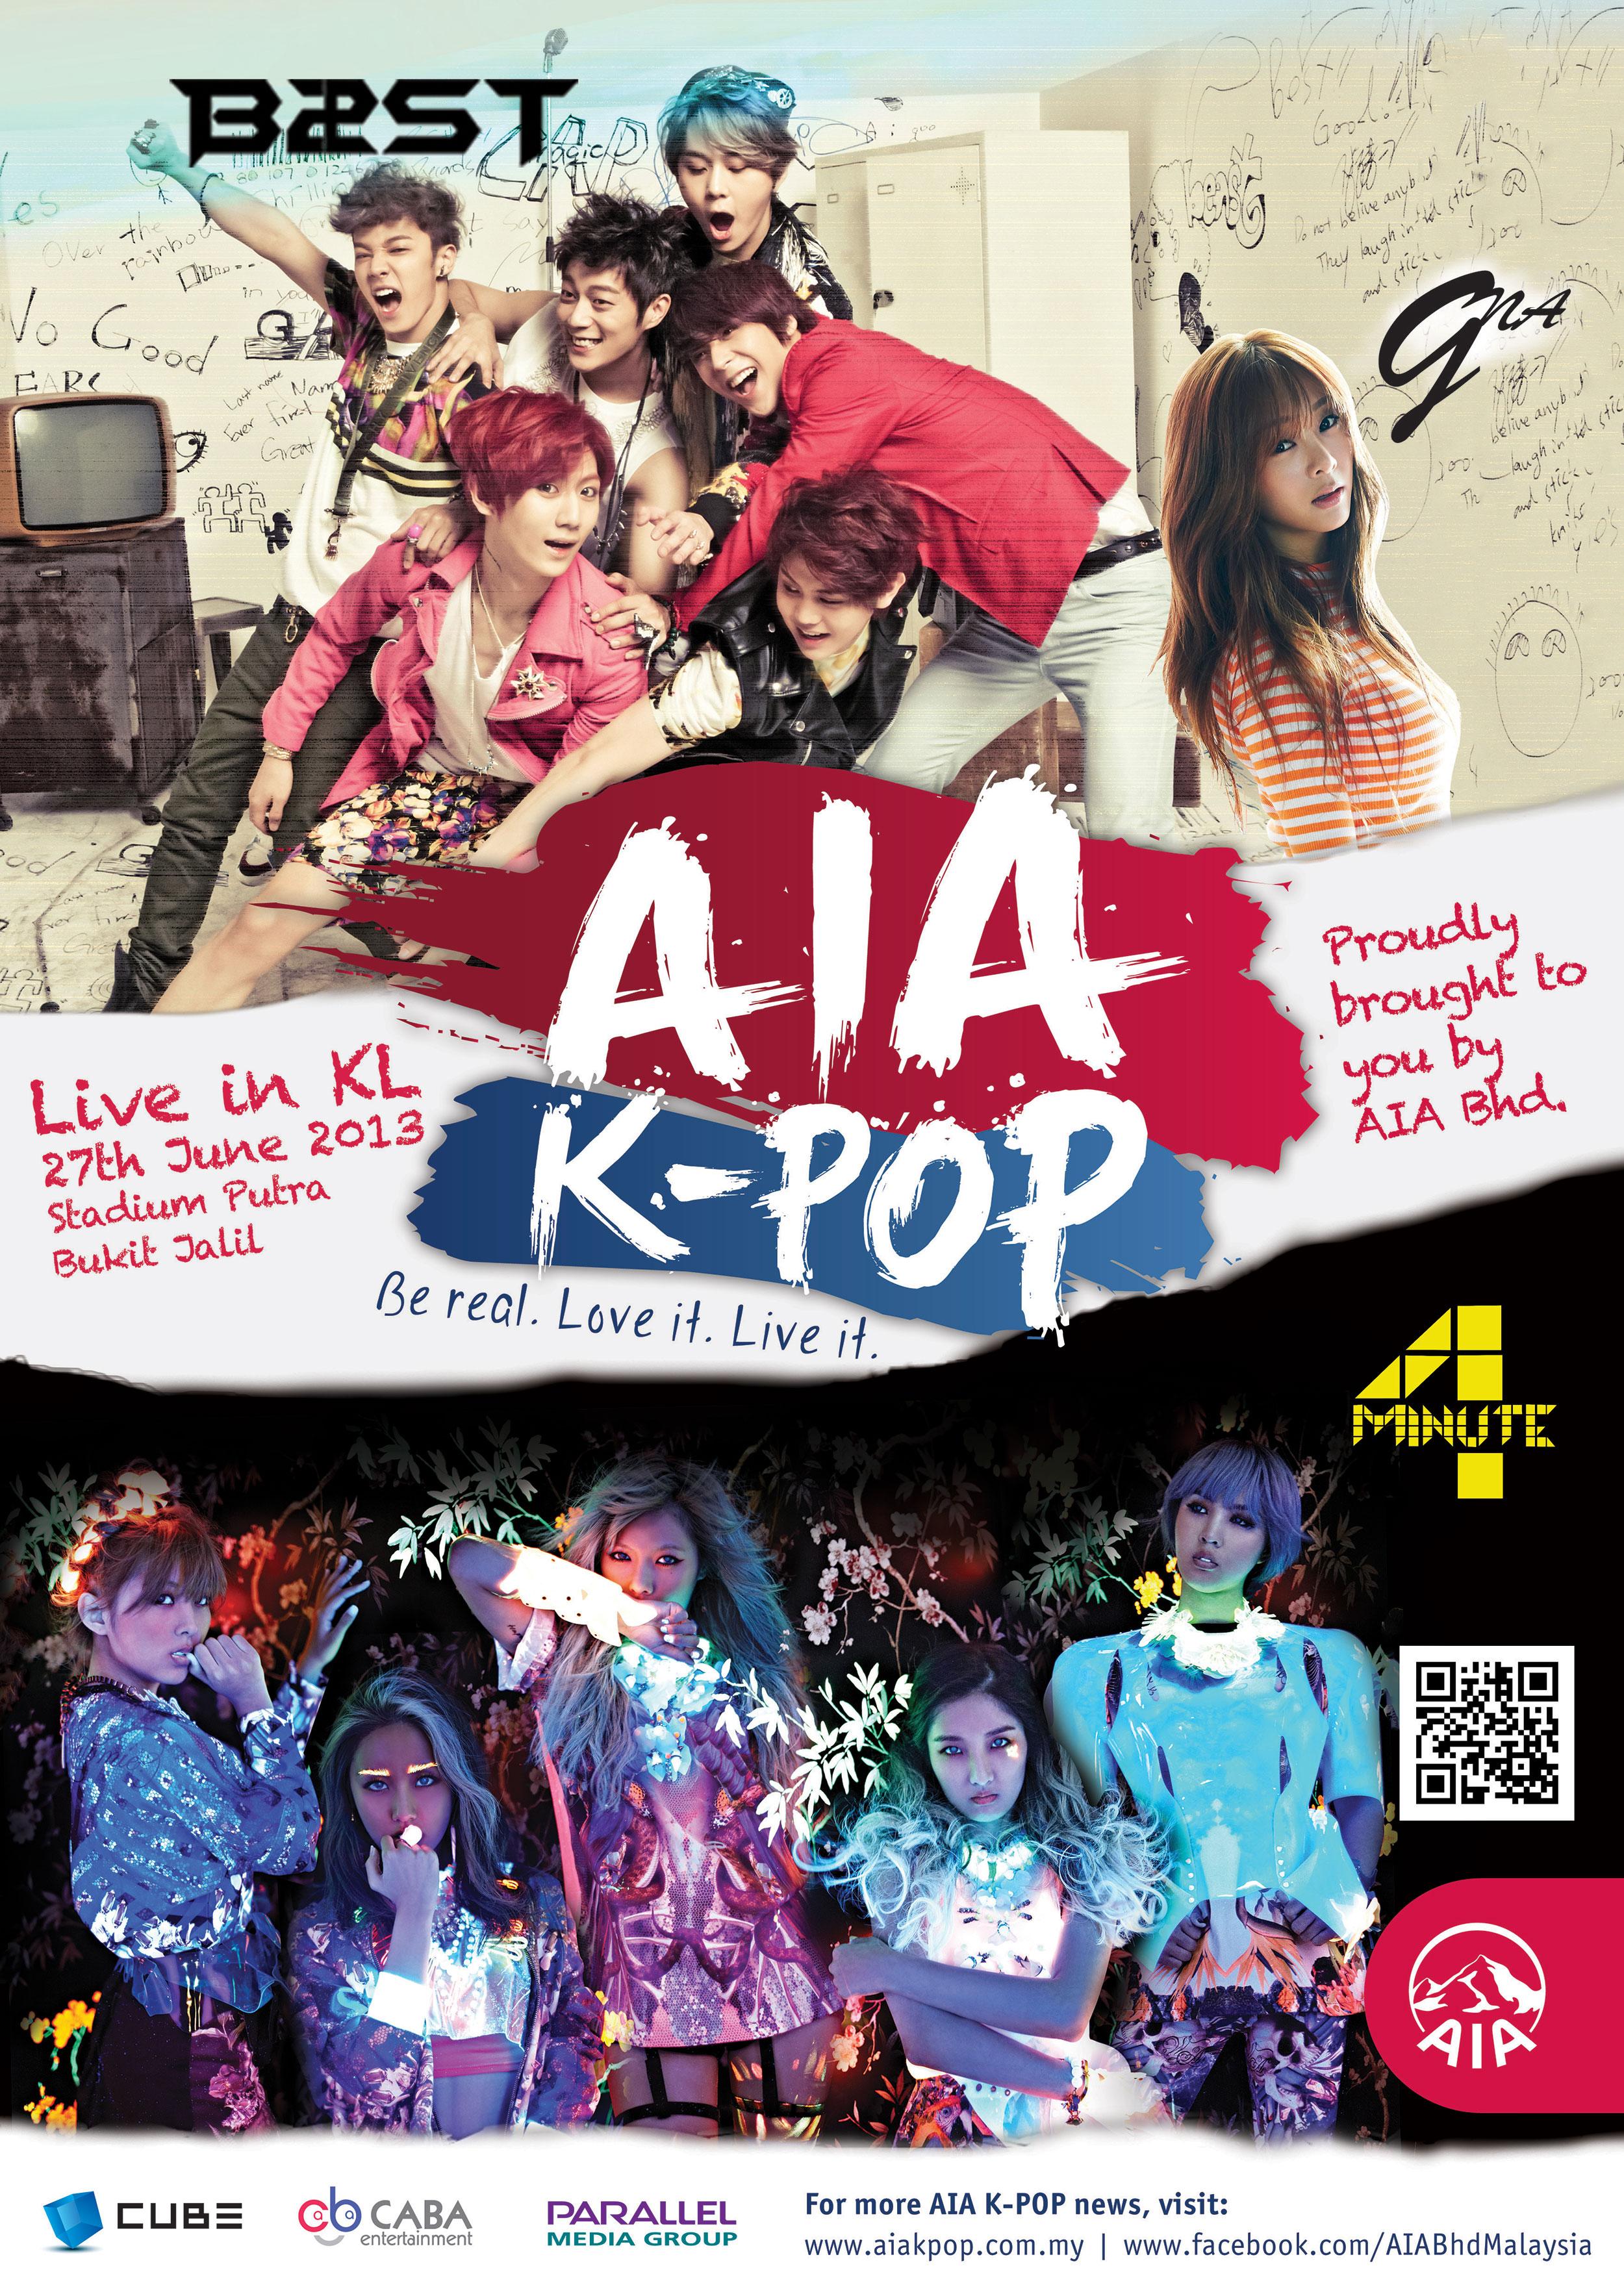 AIA K-POP